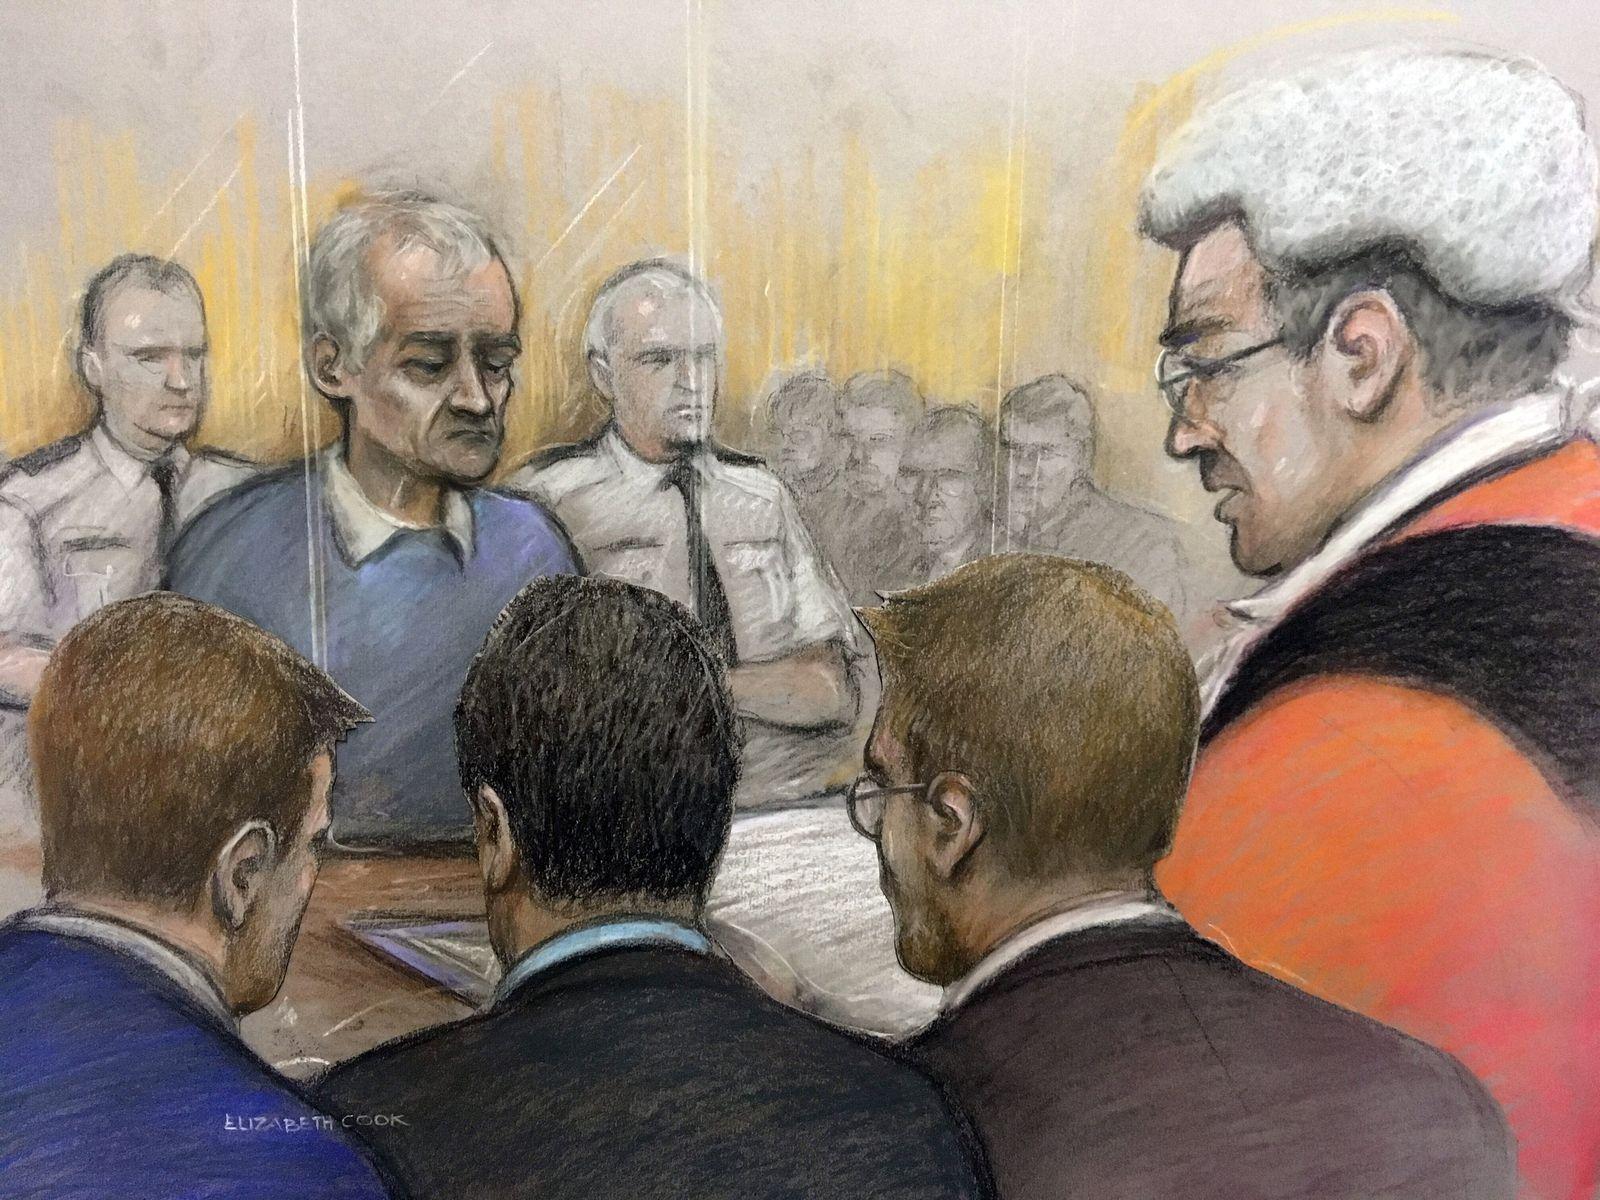 Verurteilung von Barry Bannel wegen Kindesmissbrauchs